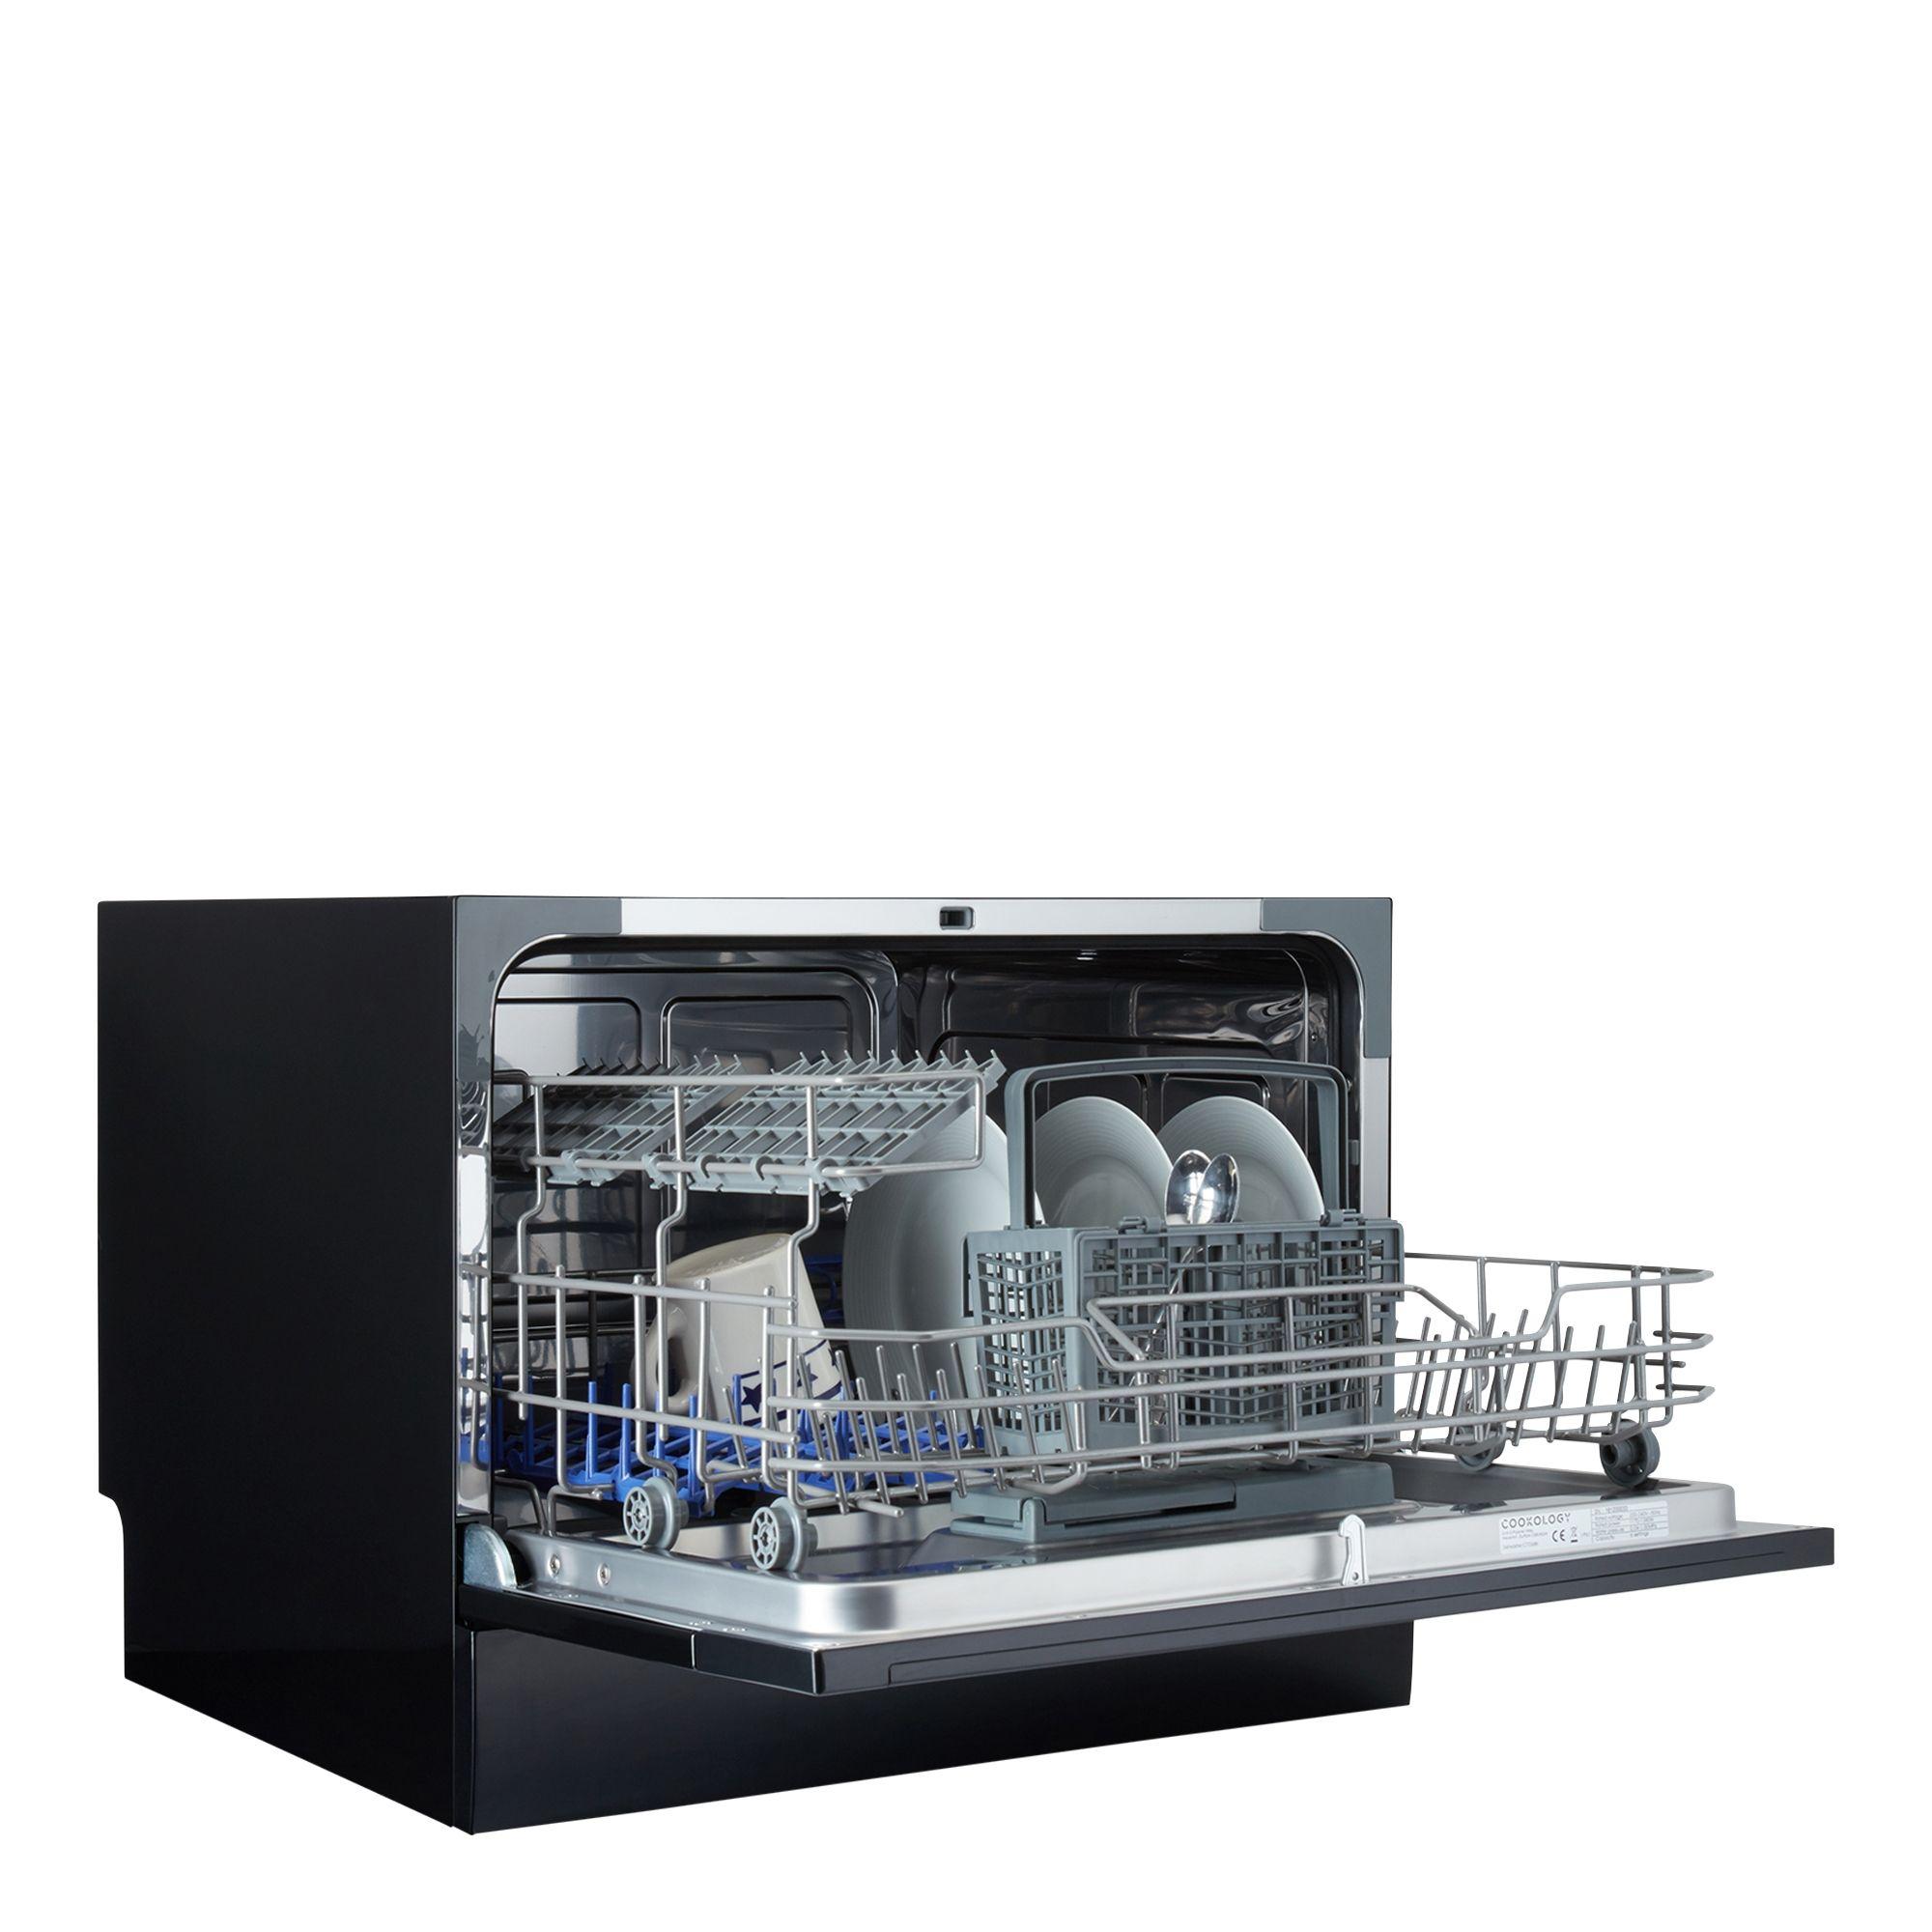 Cookology Black Table Top Mini Dishwasher Mini Dishwasher Countertop Dishwasher Dishwasher Sizes